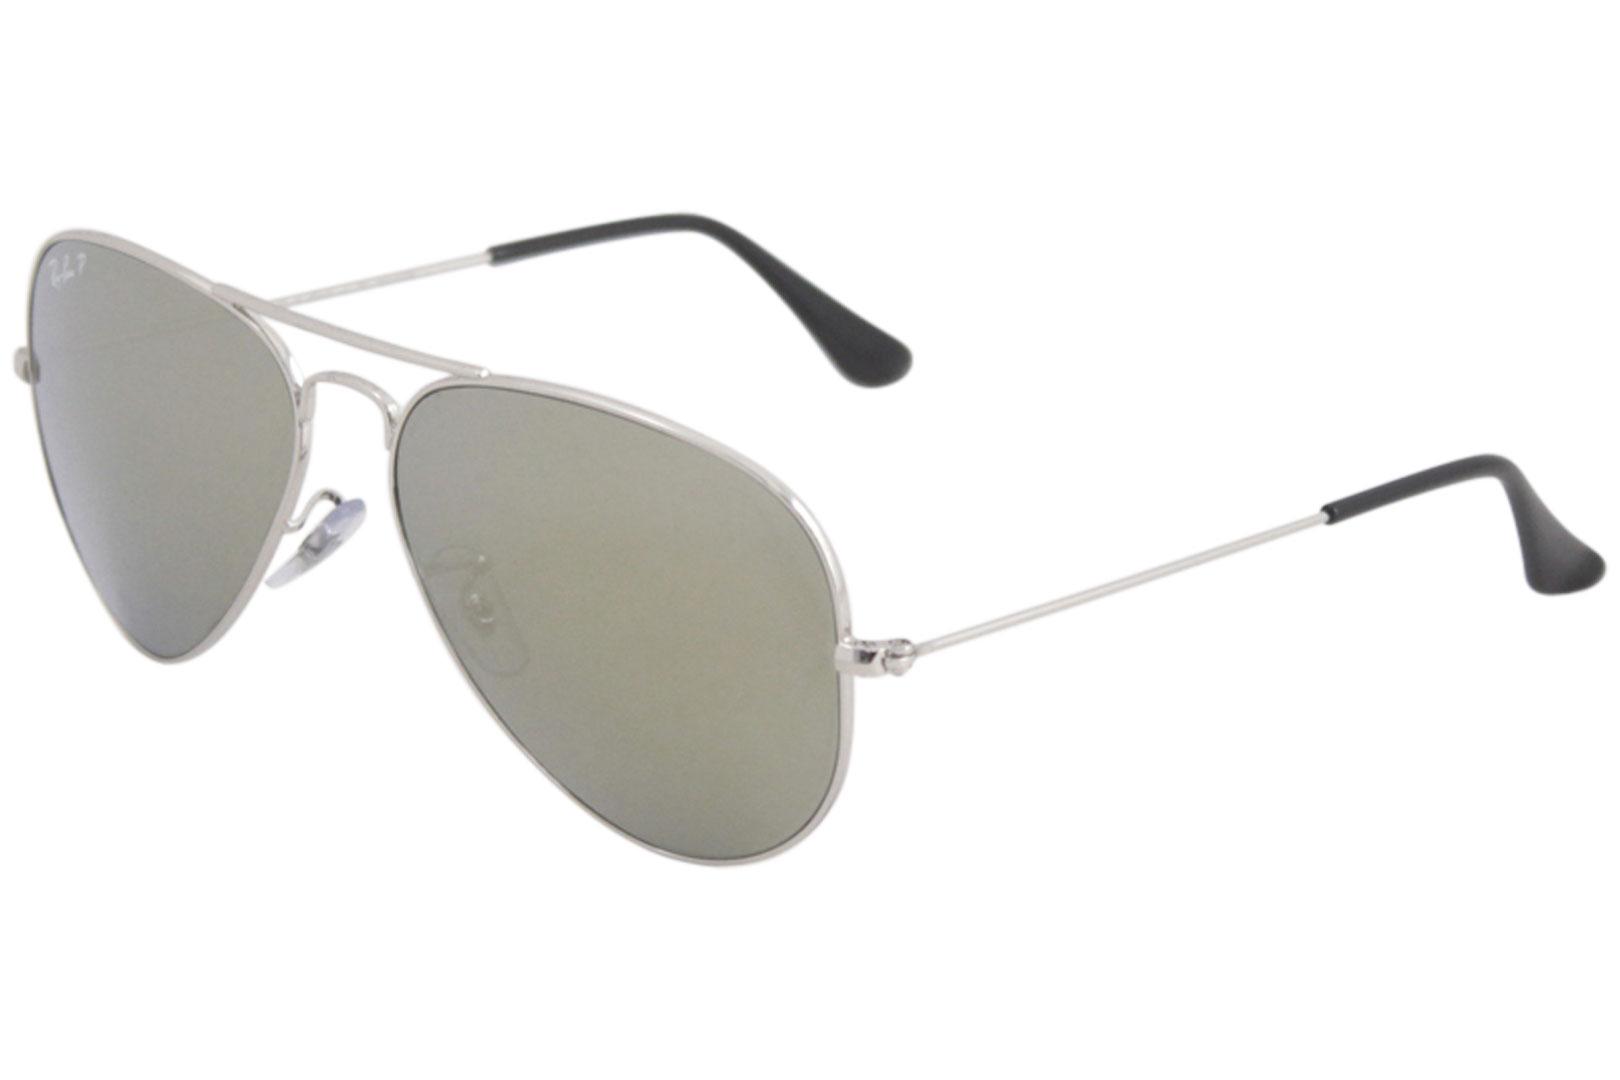 c5e88fede0 Ray Ban RB3025 3025 00359 Silver Mirror Polarized RayBan Aviator ...